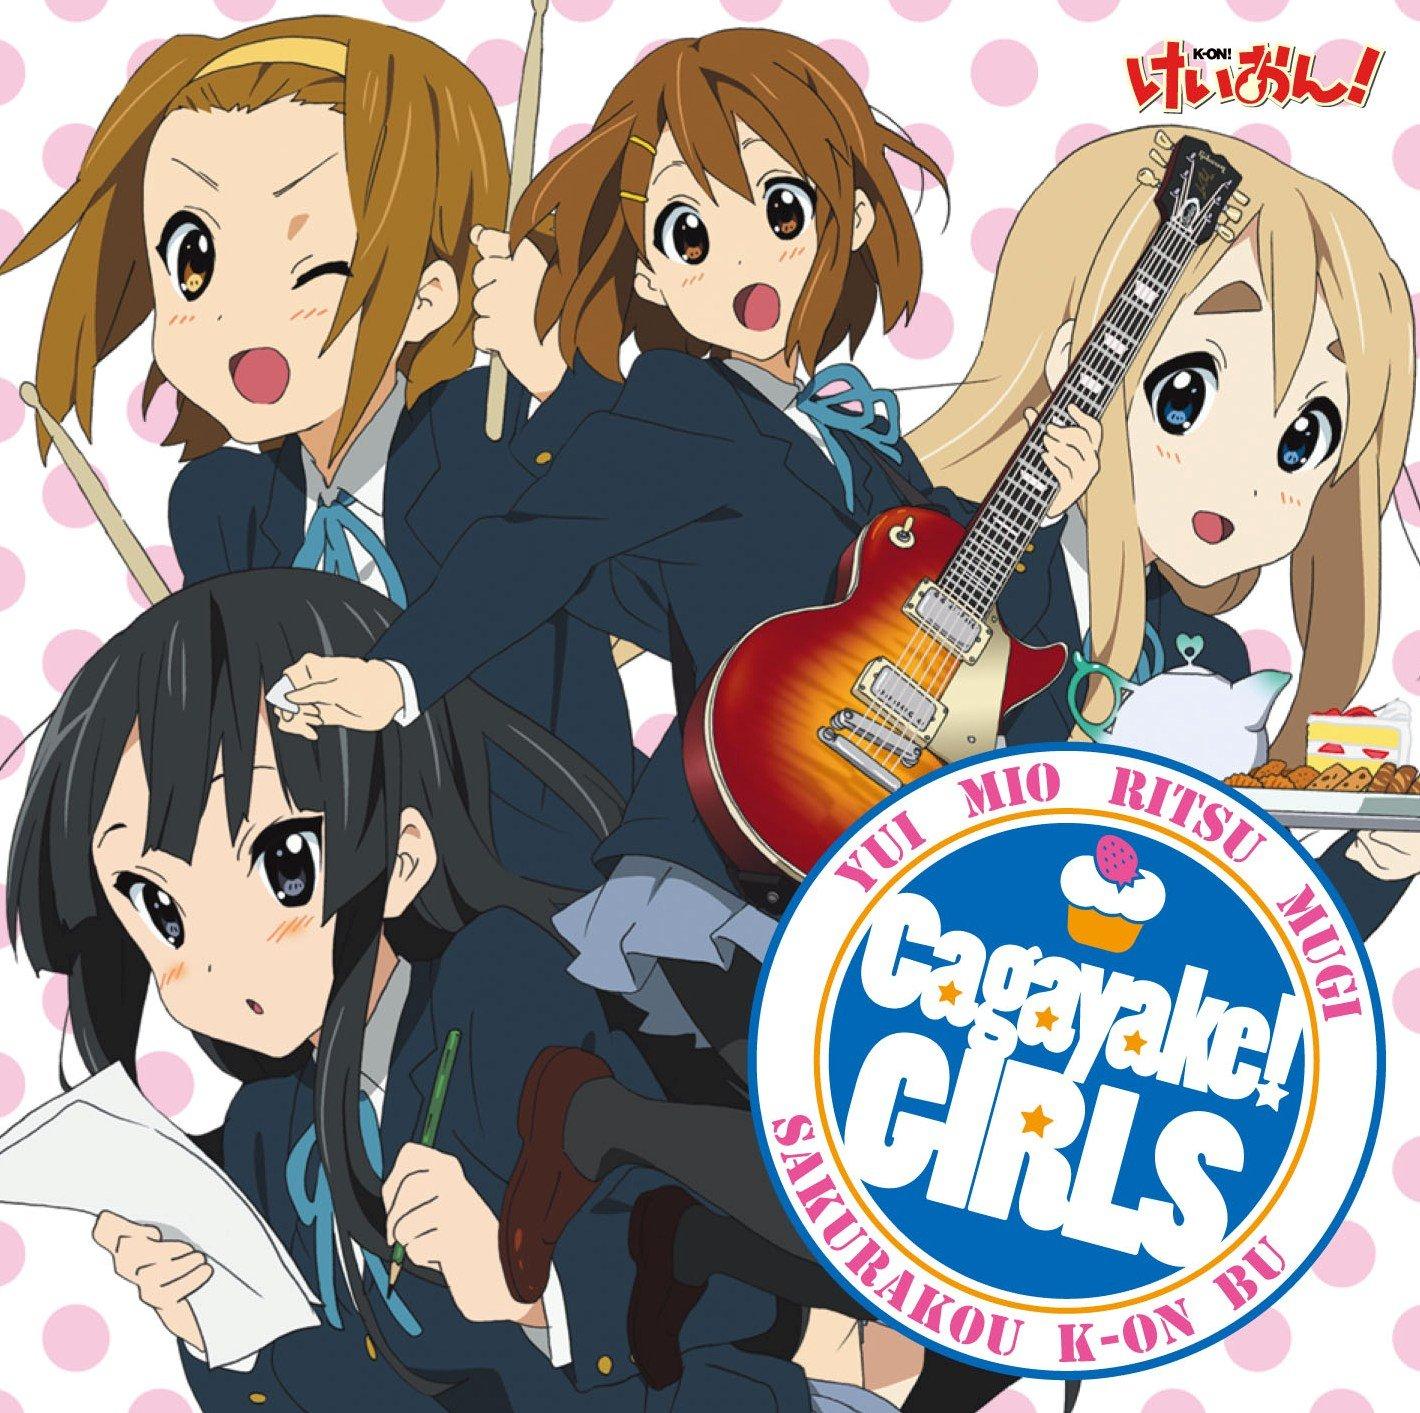 けいおん! Cagayake!GIRLS(初回限定盤)